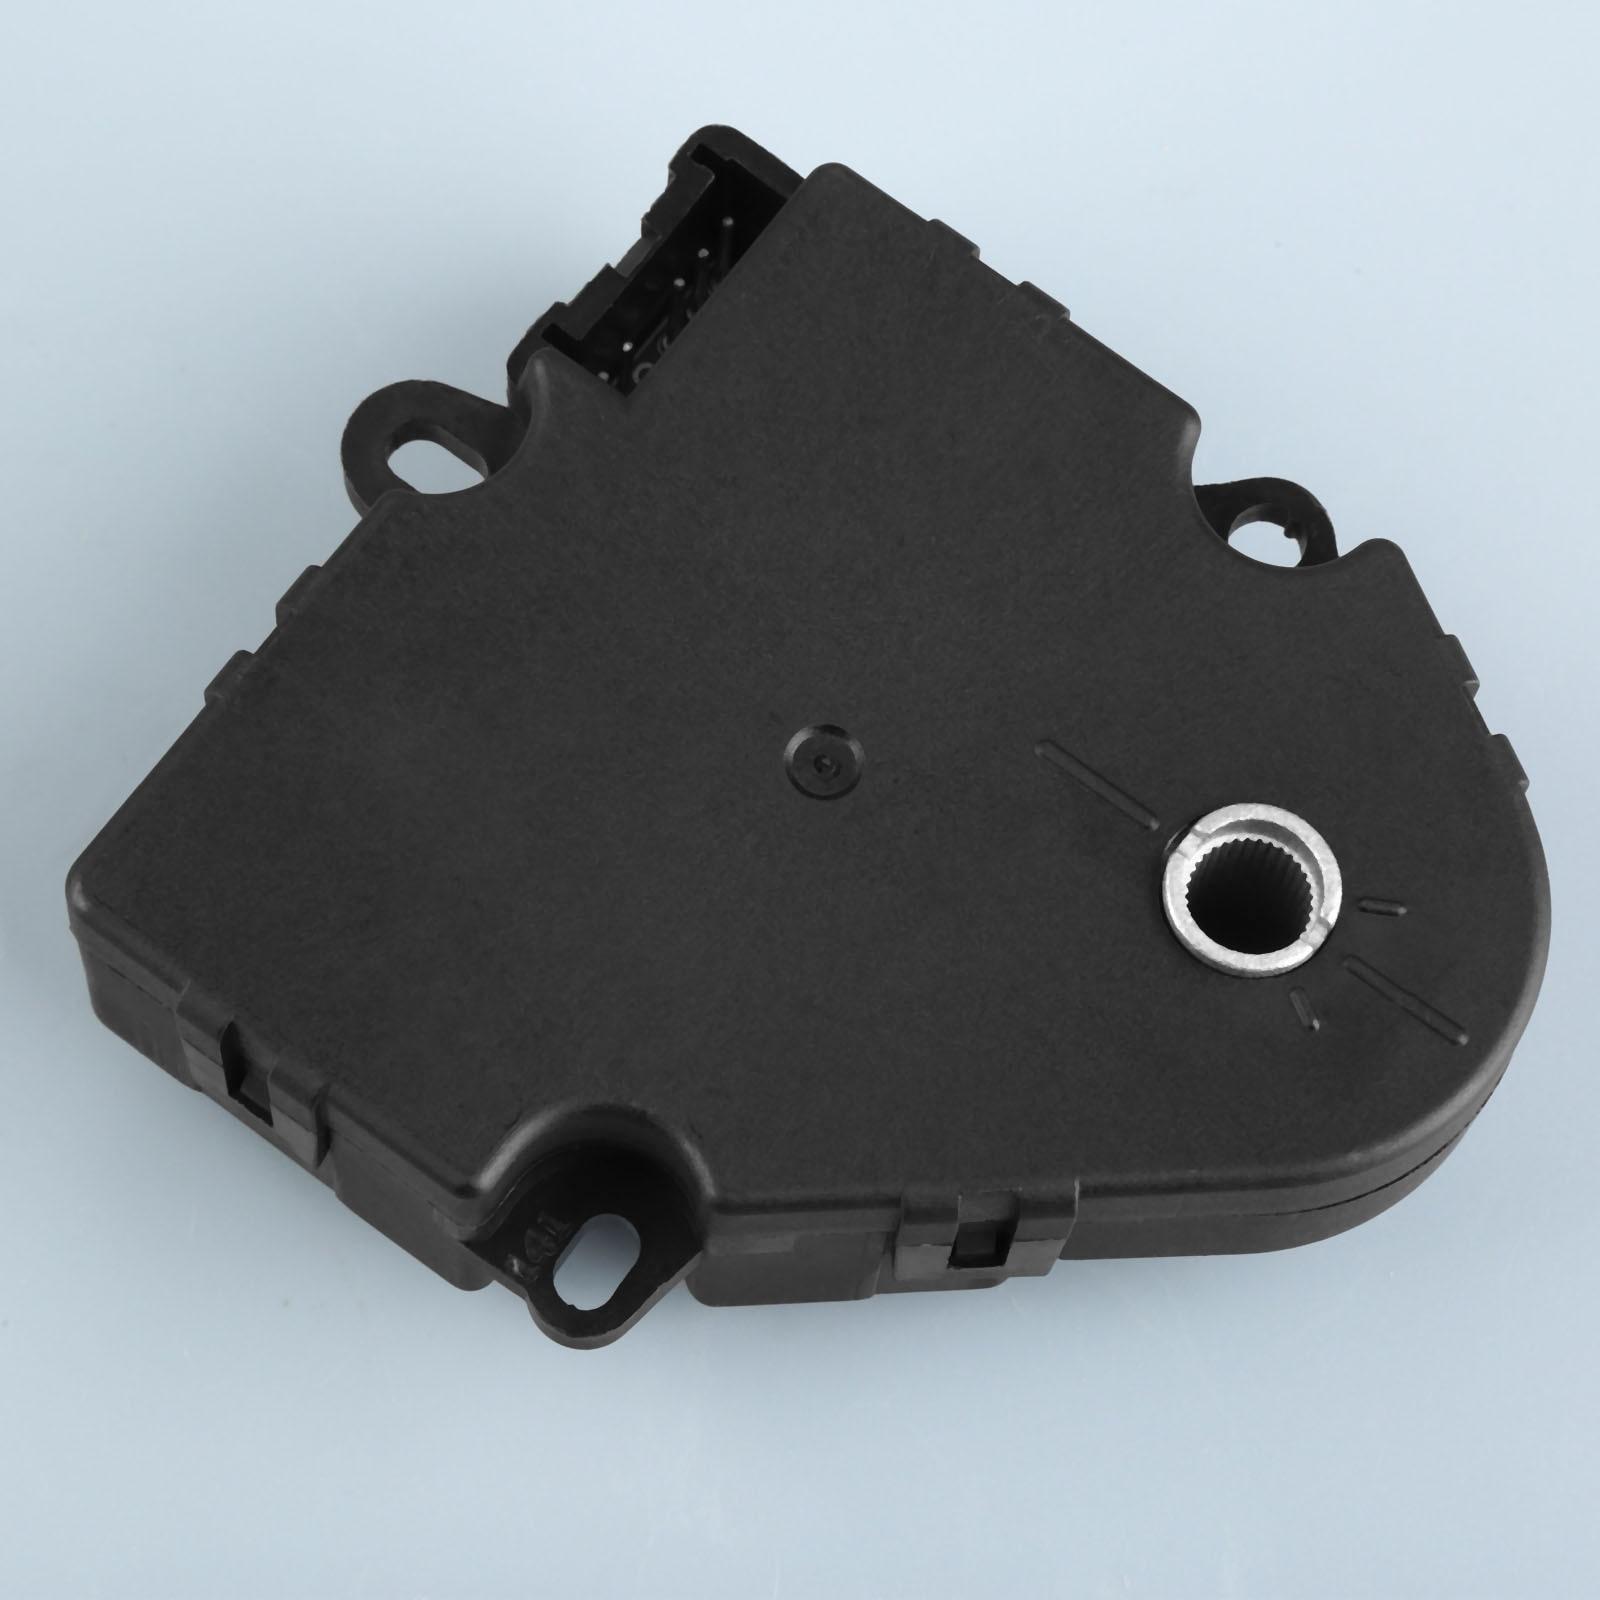 15920864 HVAC нагреватель смесь воздуха дверной привод 604 141 для Buick Enclave GMC Acadia Saturn Outlook-in Детали для обогревателя from Автомобили и мотоциклы